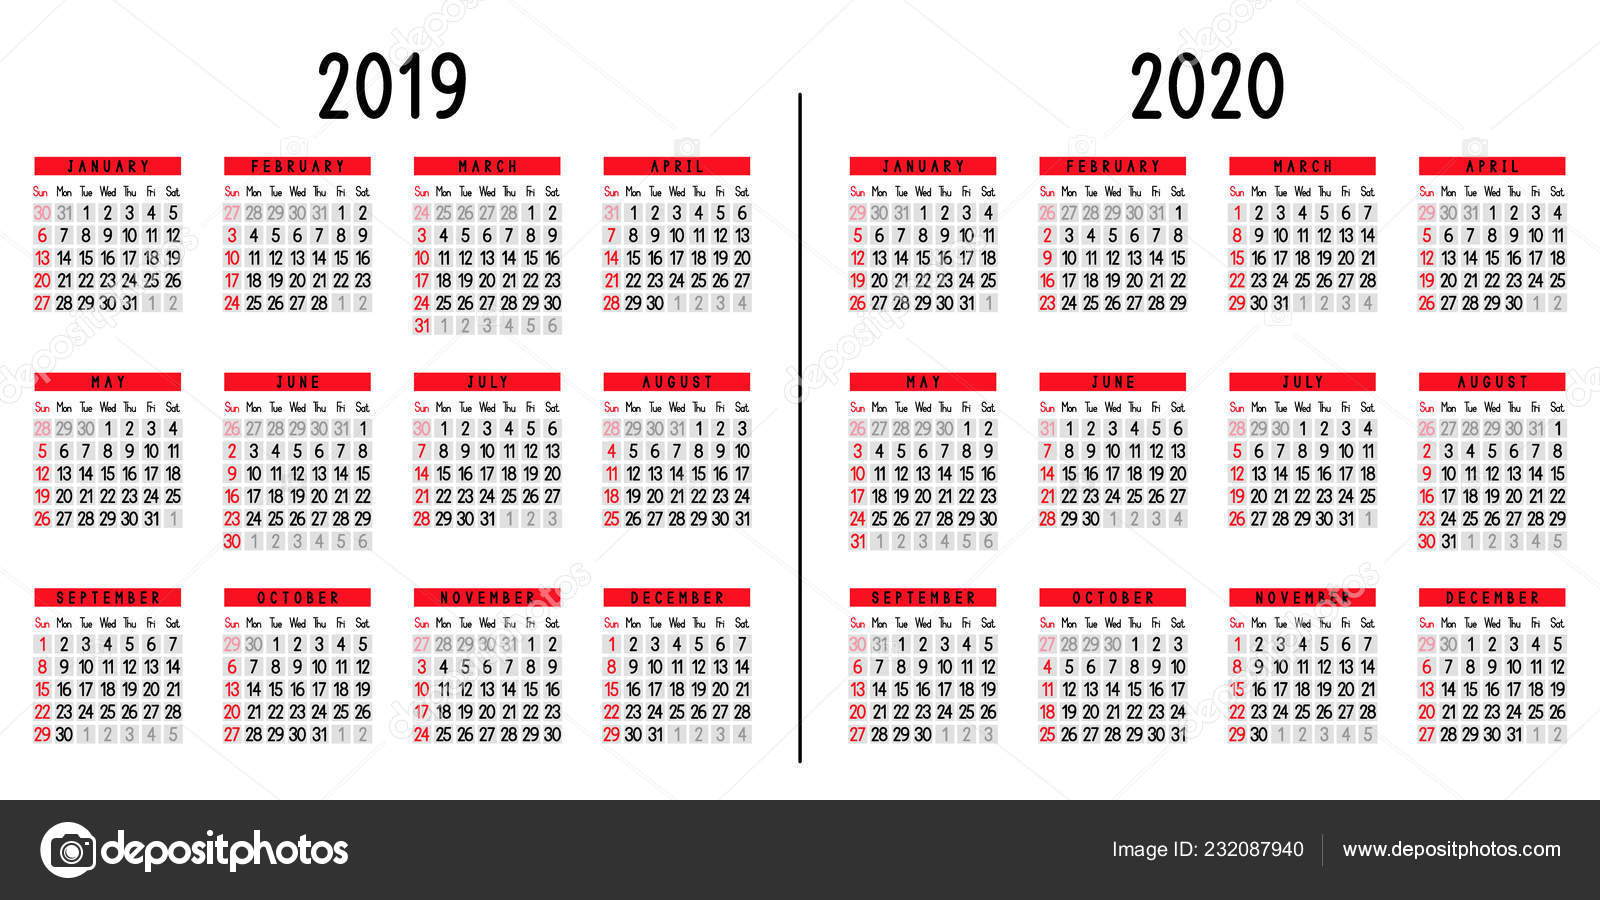 Calendario 2020 Y 2019.Calendario 2019 2020 Semana Comienza Domingo Ilustracion Vector